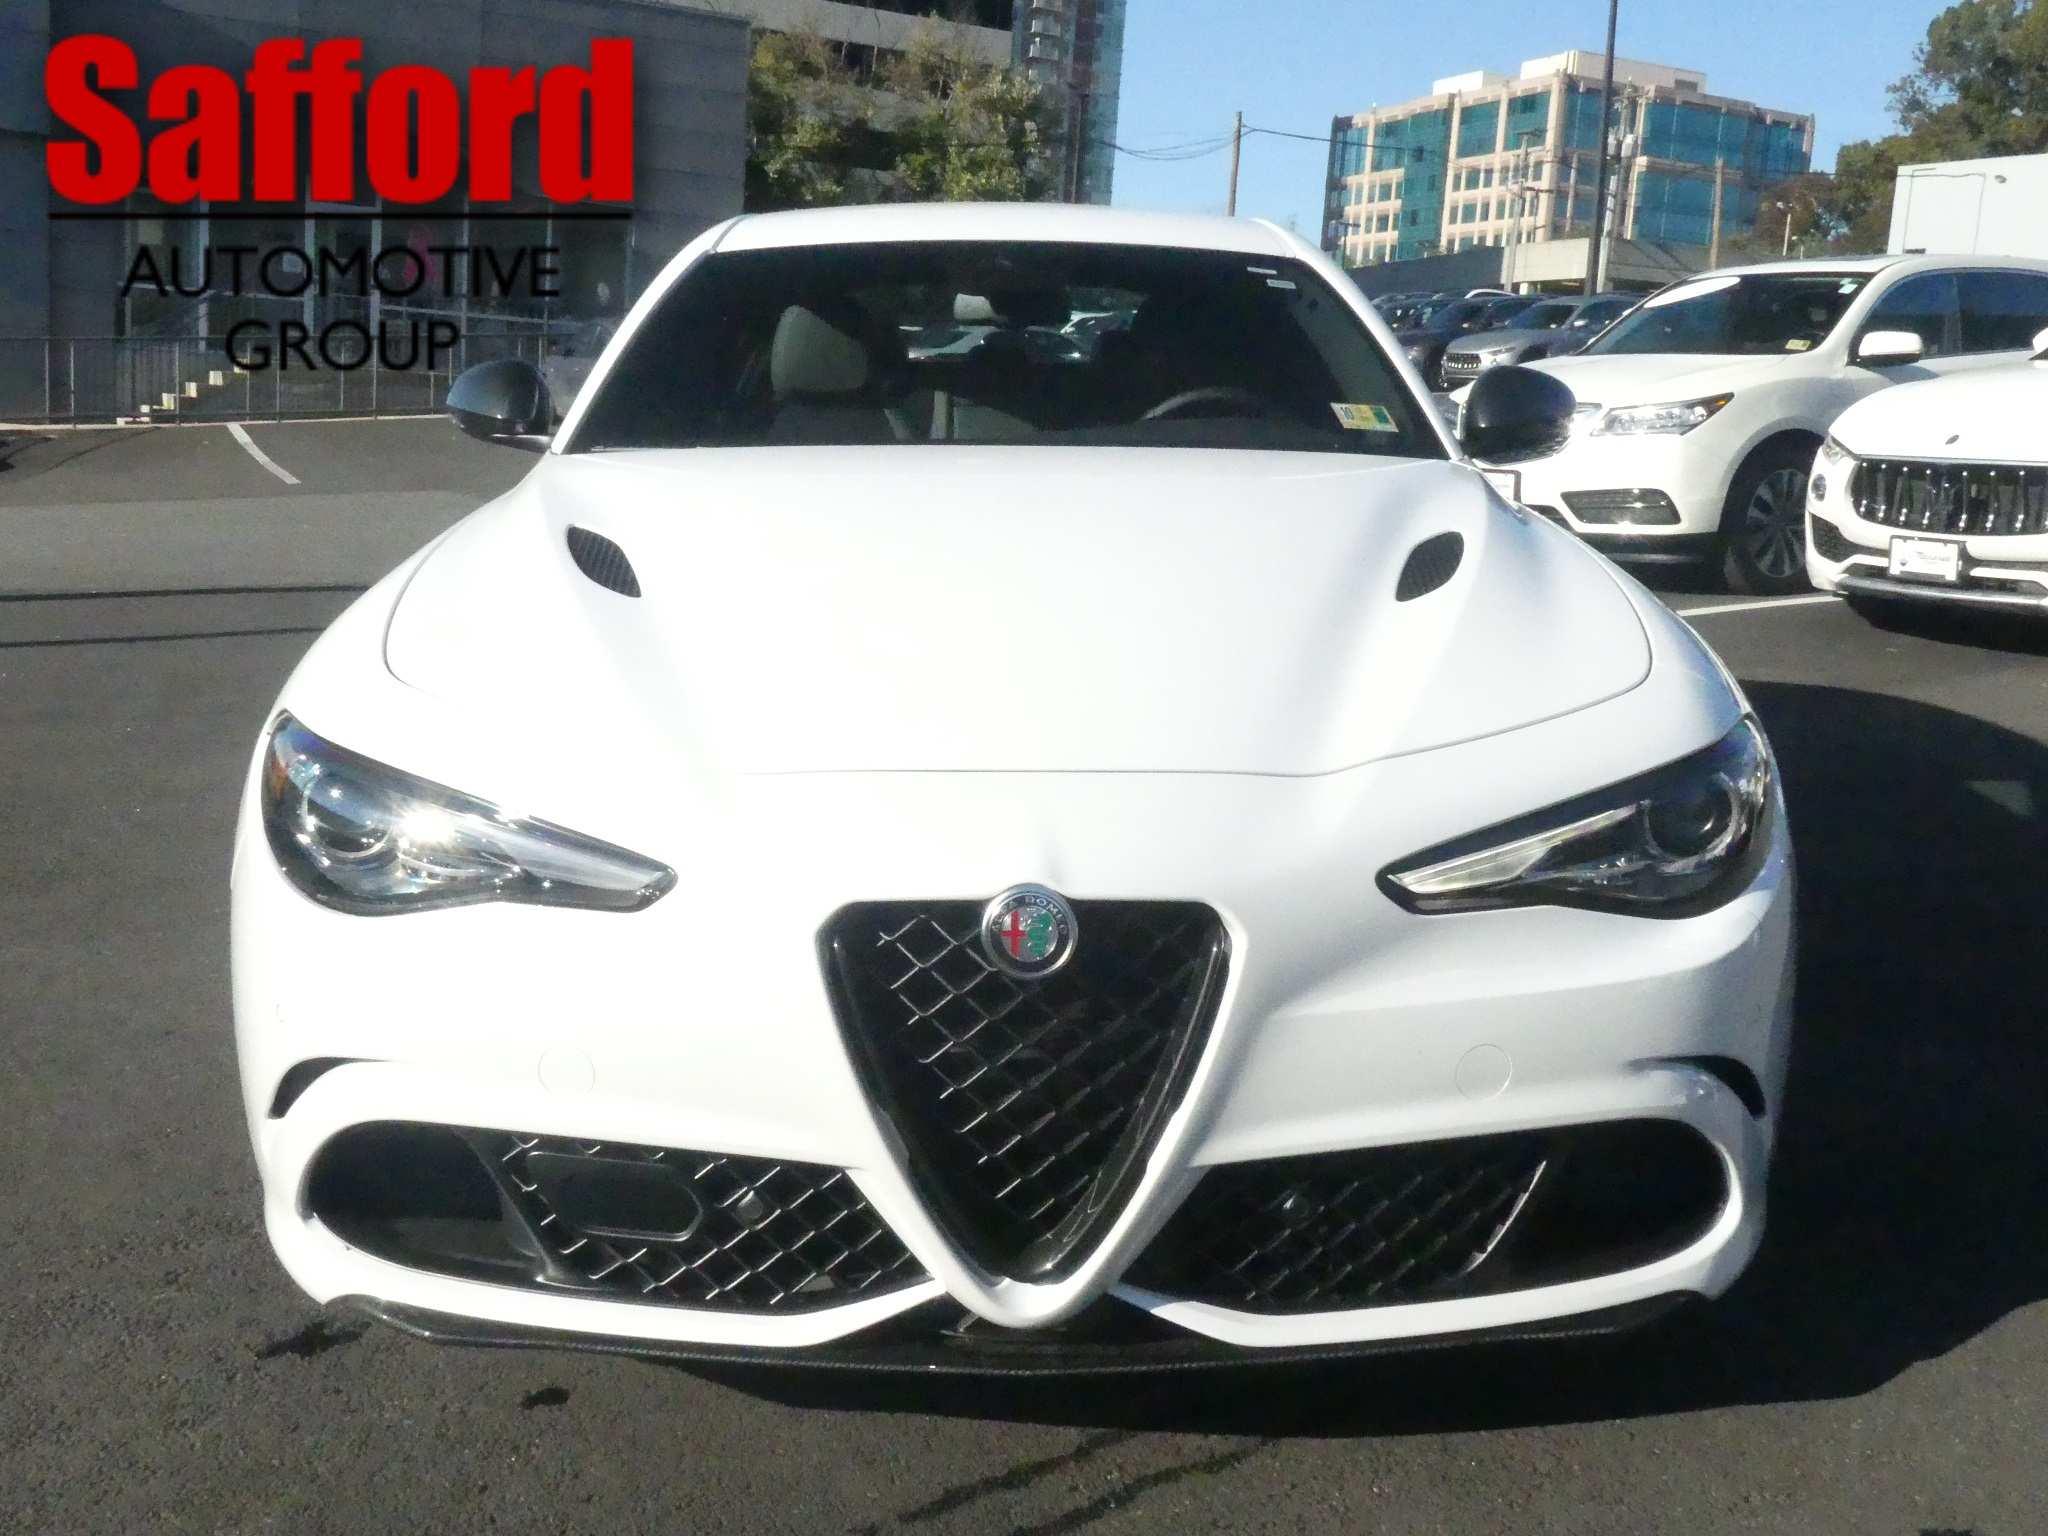 25 Concept of 2019 Alfa Quadrifoglio Specs with 2019 Alfa Quadrifoglio